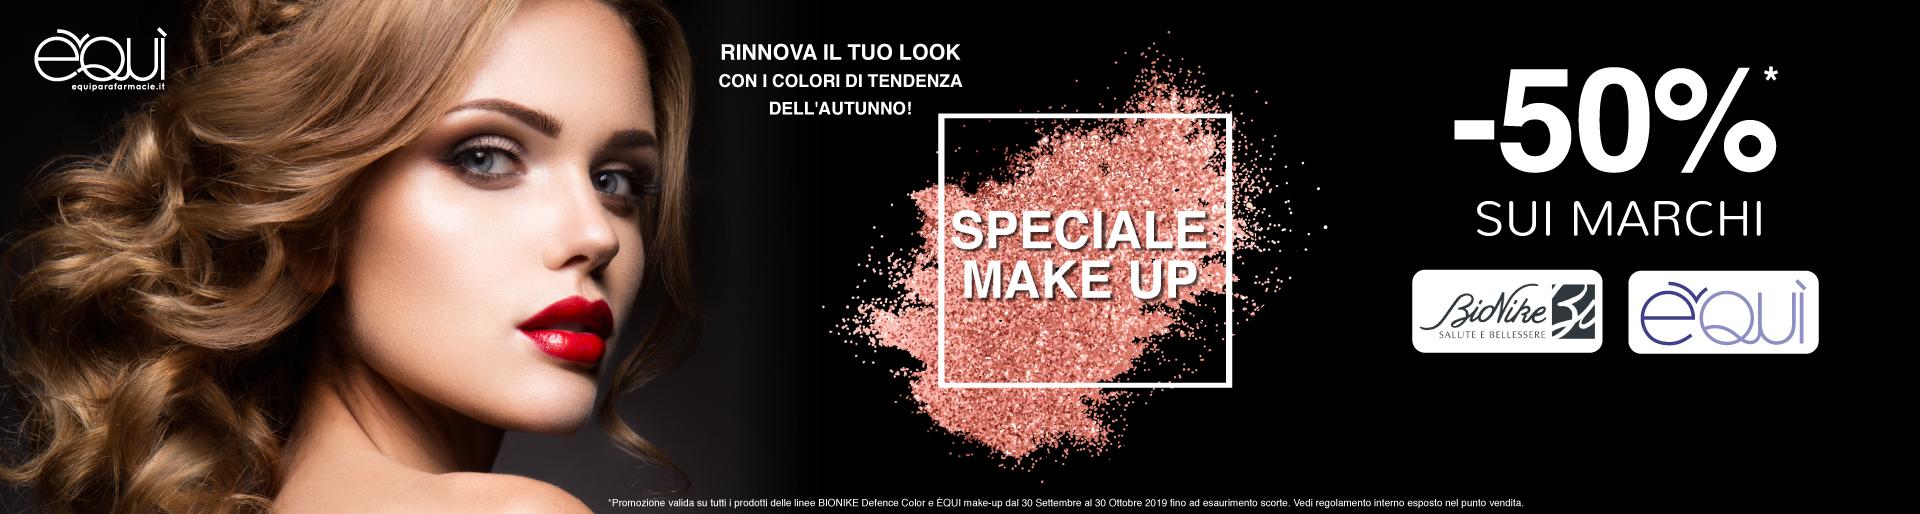 Promozione make-up -50%